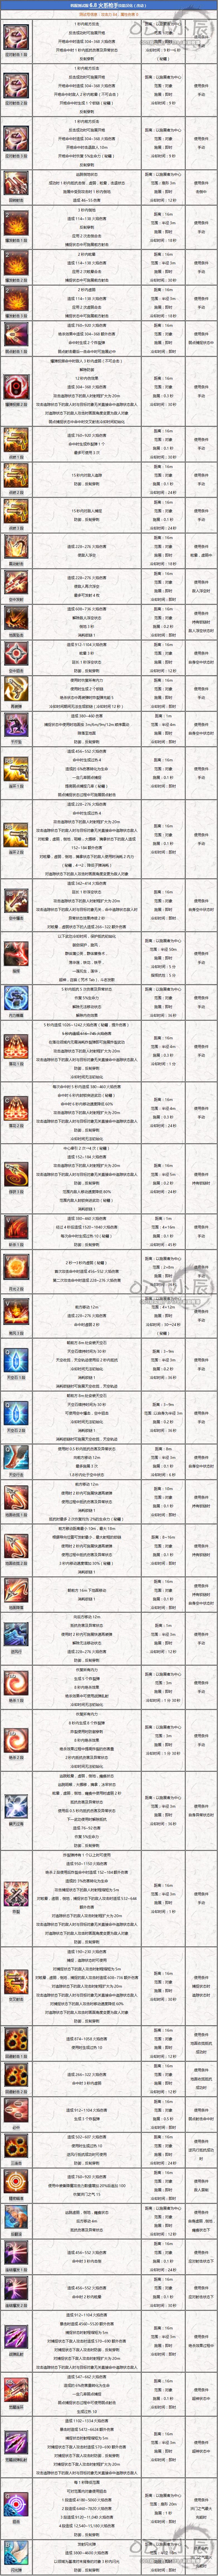 韩测6.8【火系】枪手技能汉化(调整).png